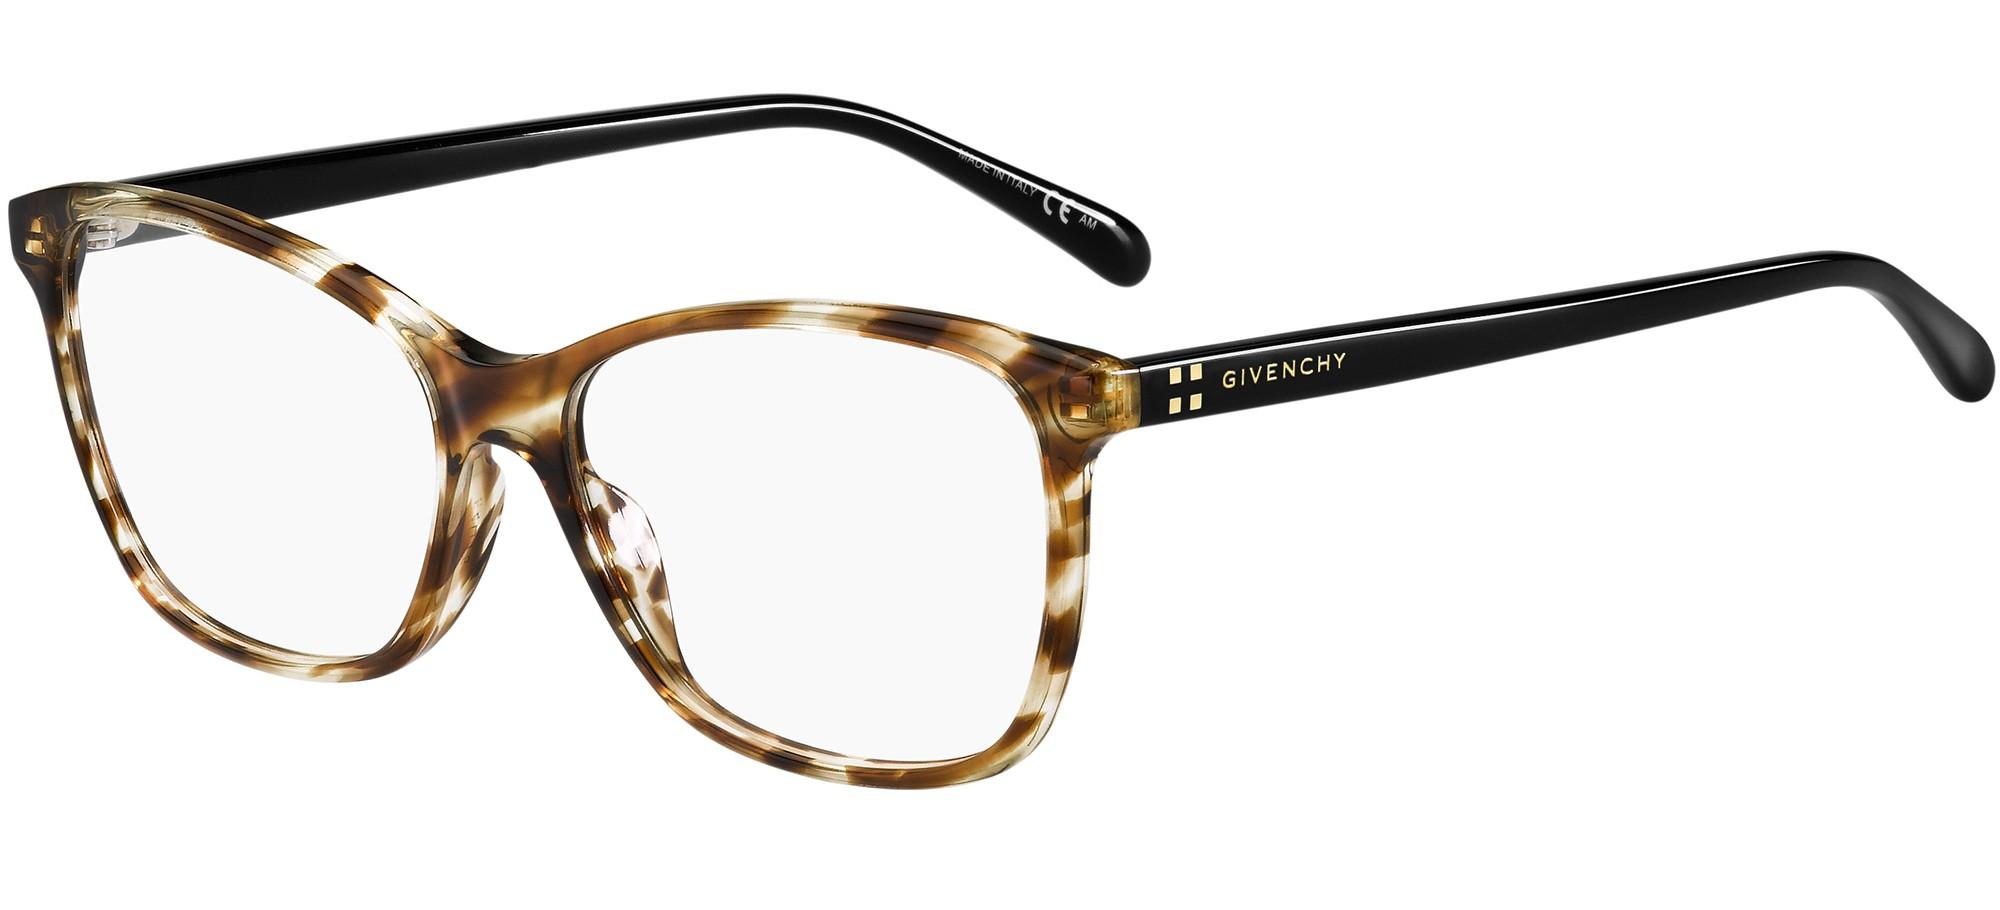 Givenchy eyeglasses GV 0092